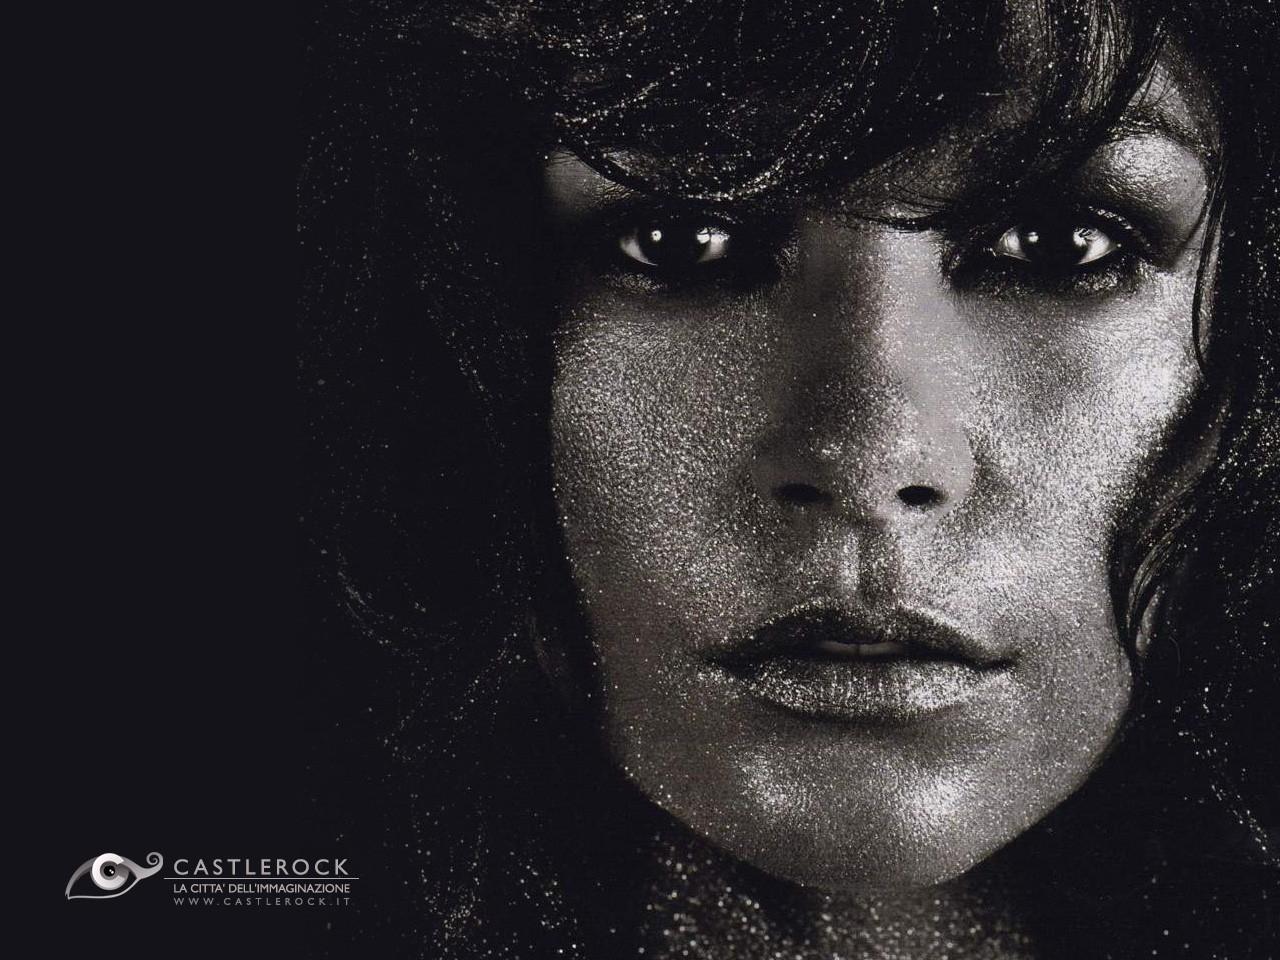 Wallpaper di Catherine Zeta-Jones in versione dark